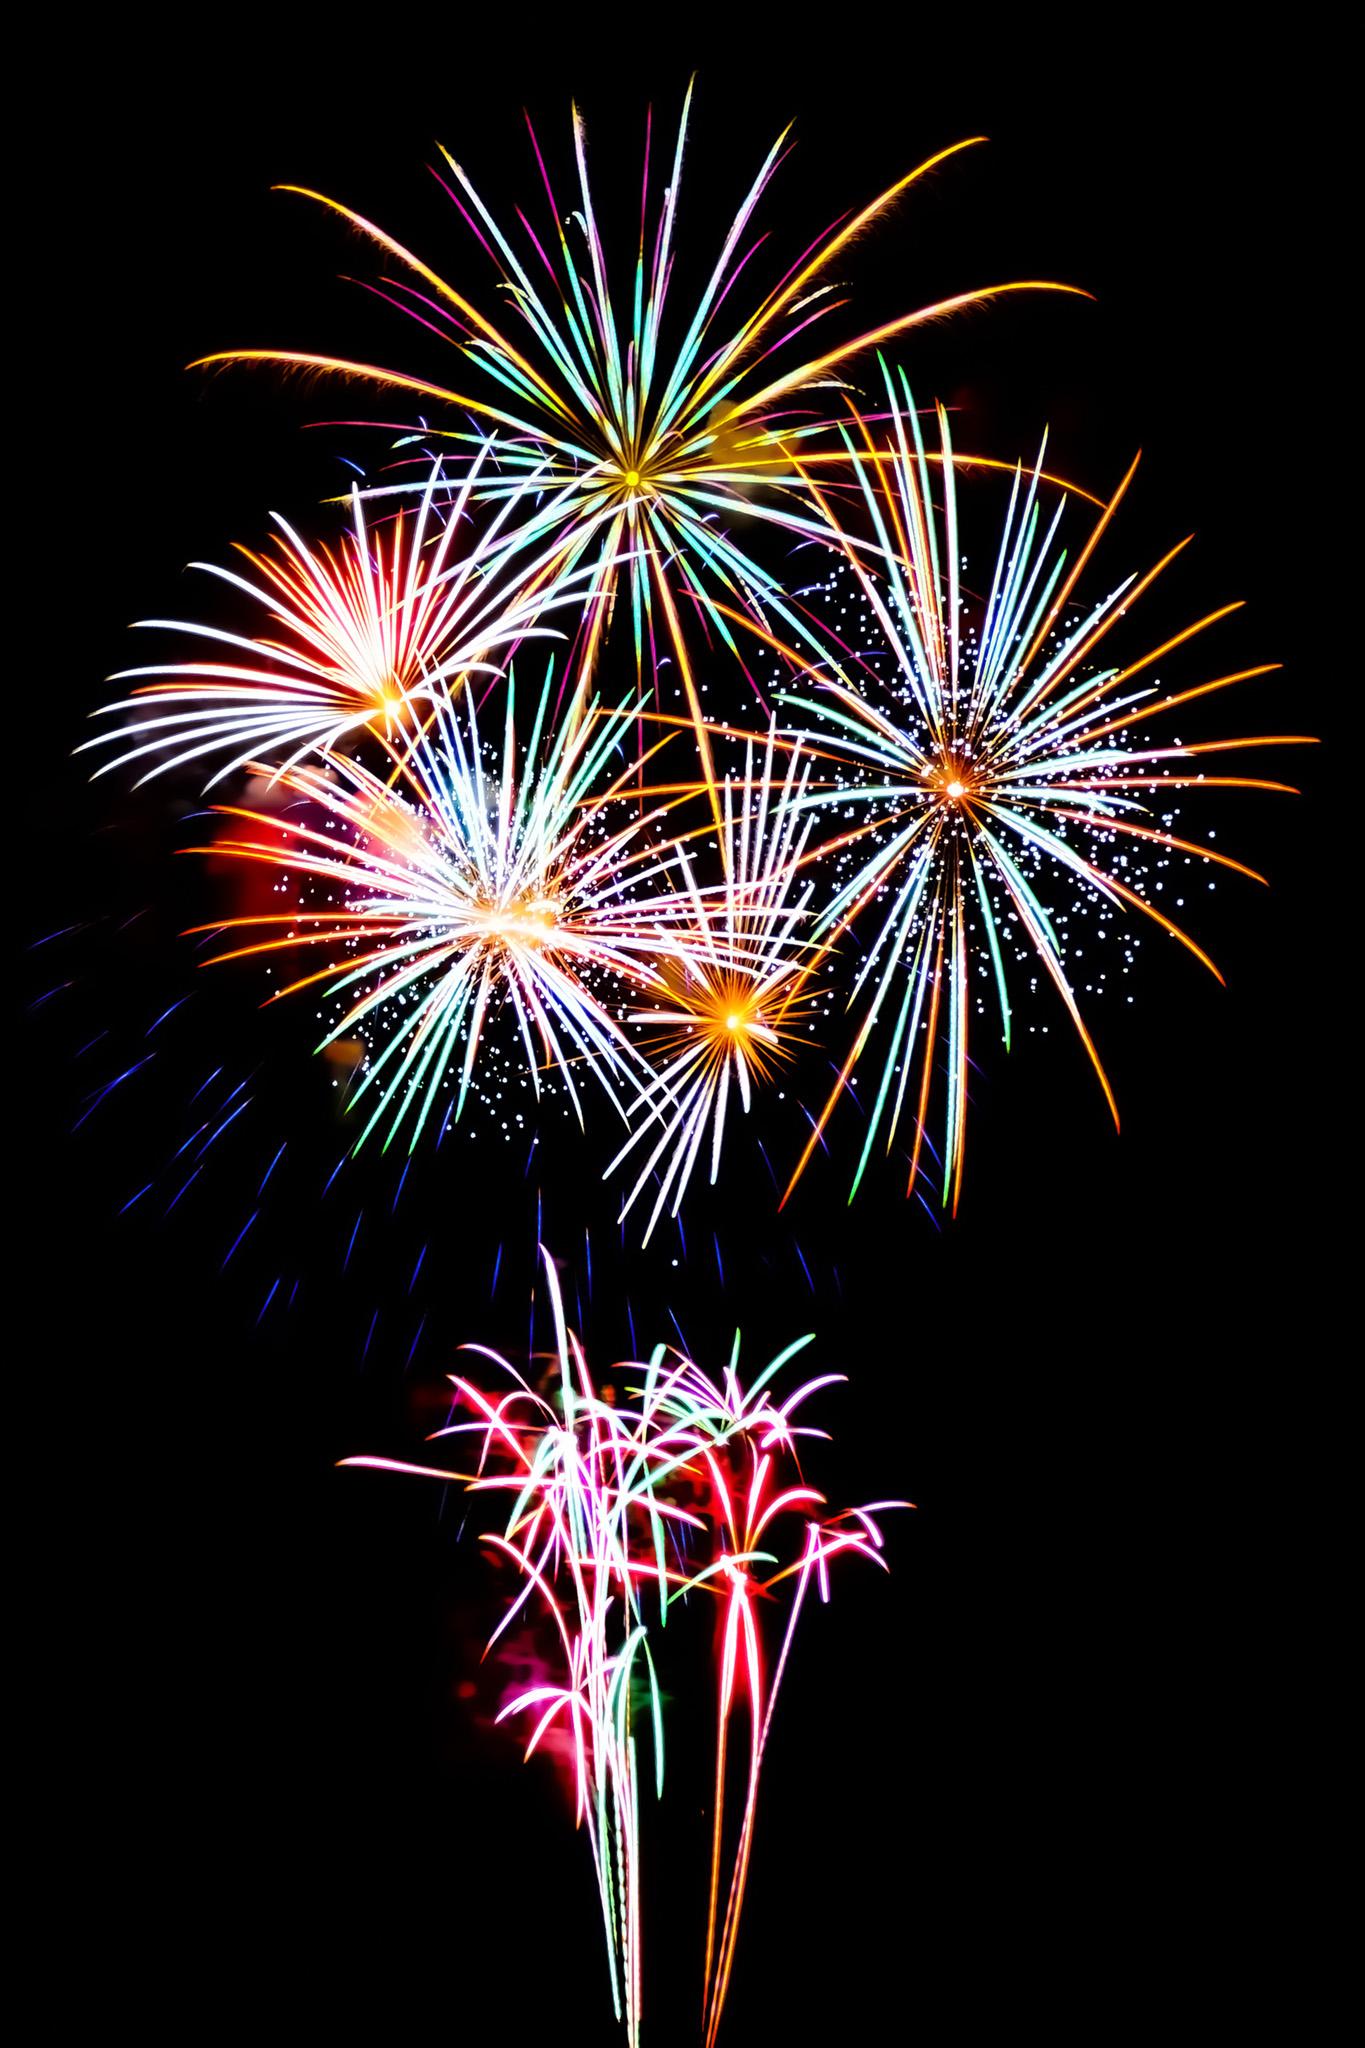 「カラフルな光線が舞う花火大会」の画像を無料ダウンロード